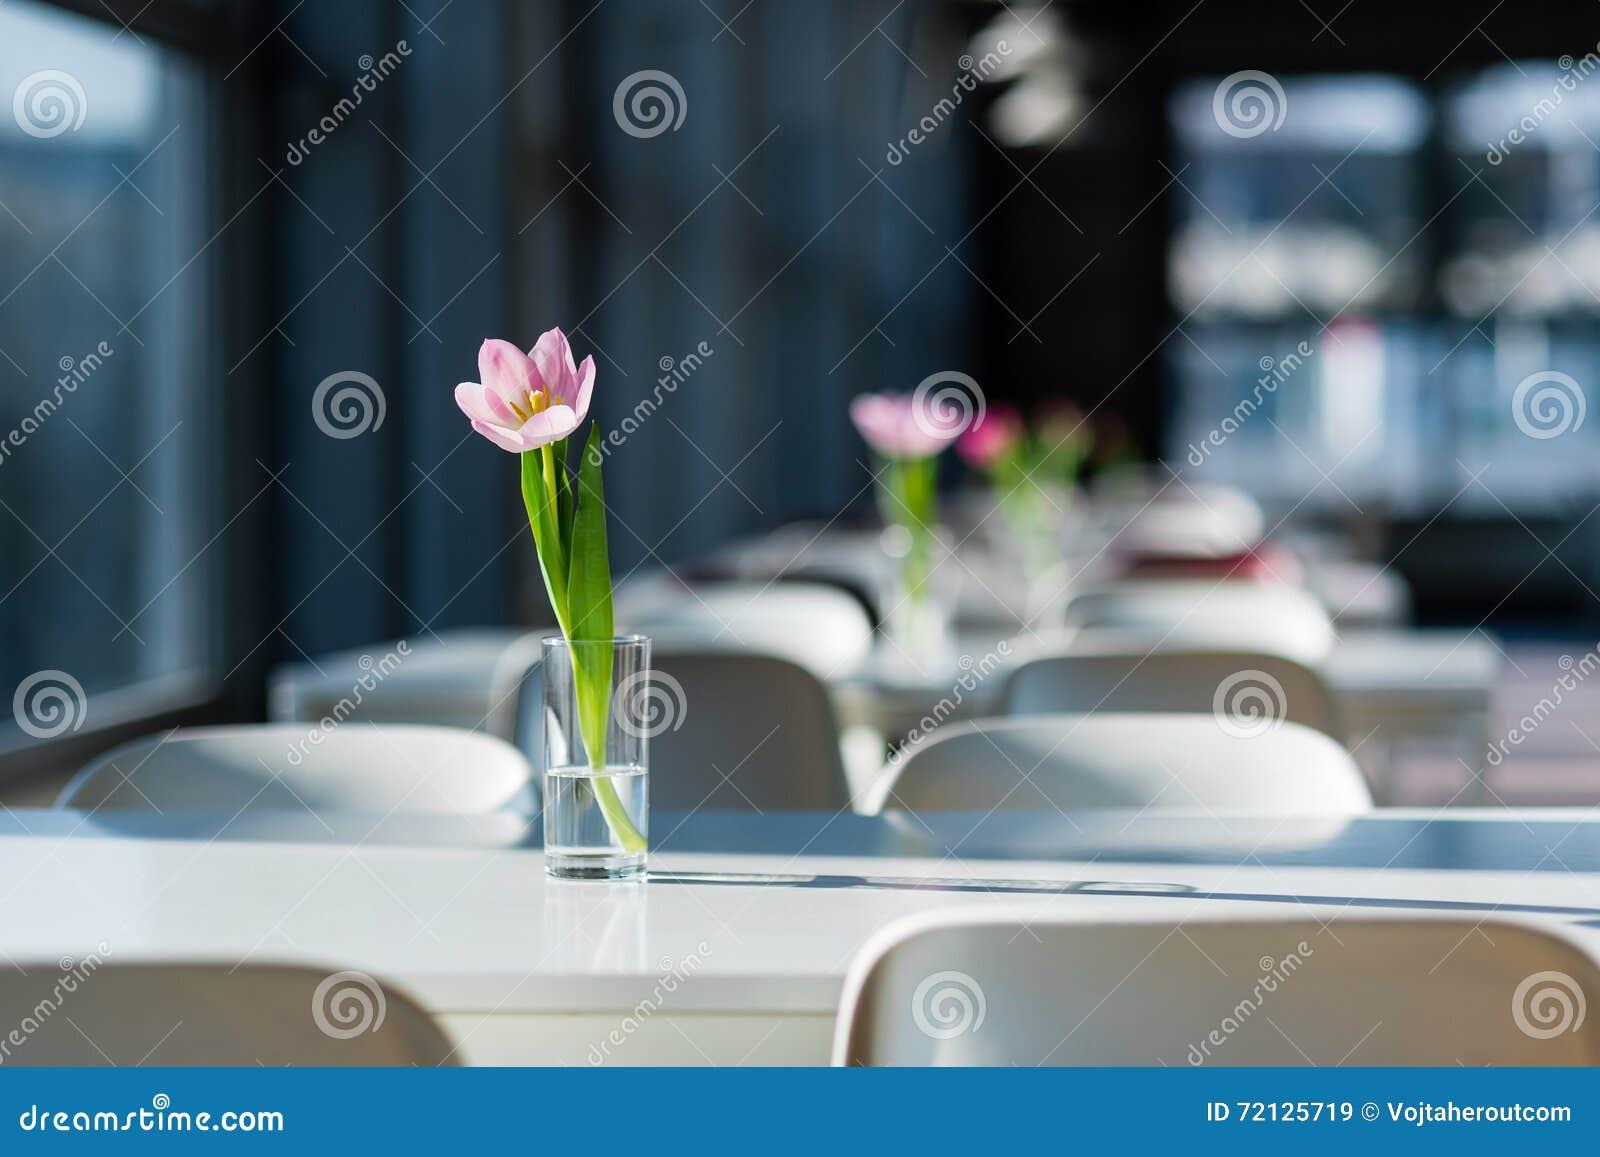 Lampada Fiore Tulipano : Fiore sulla tabella tulipano nel vaso nella corte di alimento